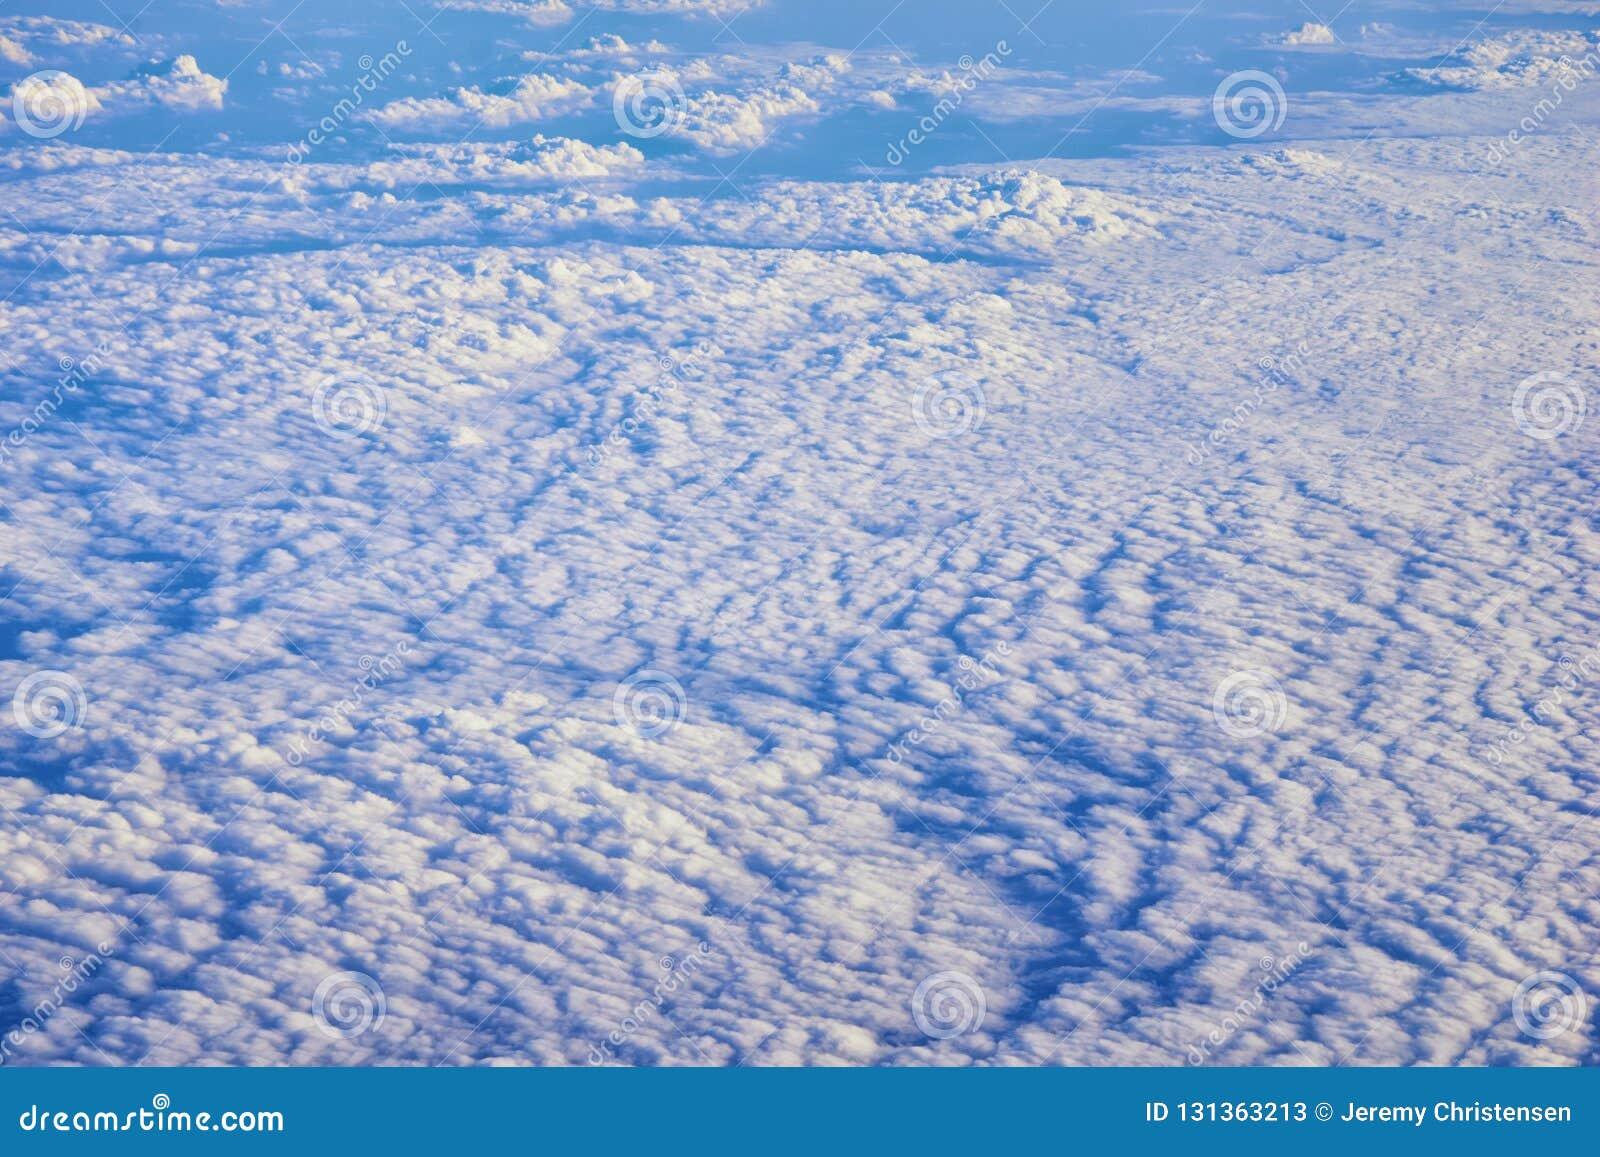 Powietrzny Cloudscape widok nad Midwest stanami na locie nad Kolorado, Kansas, Missouri, Illinois, Indiana, Ohio i Zachodnia Virg